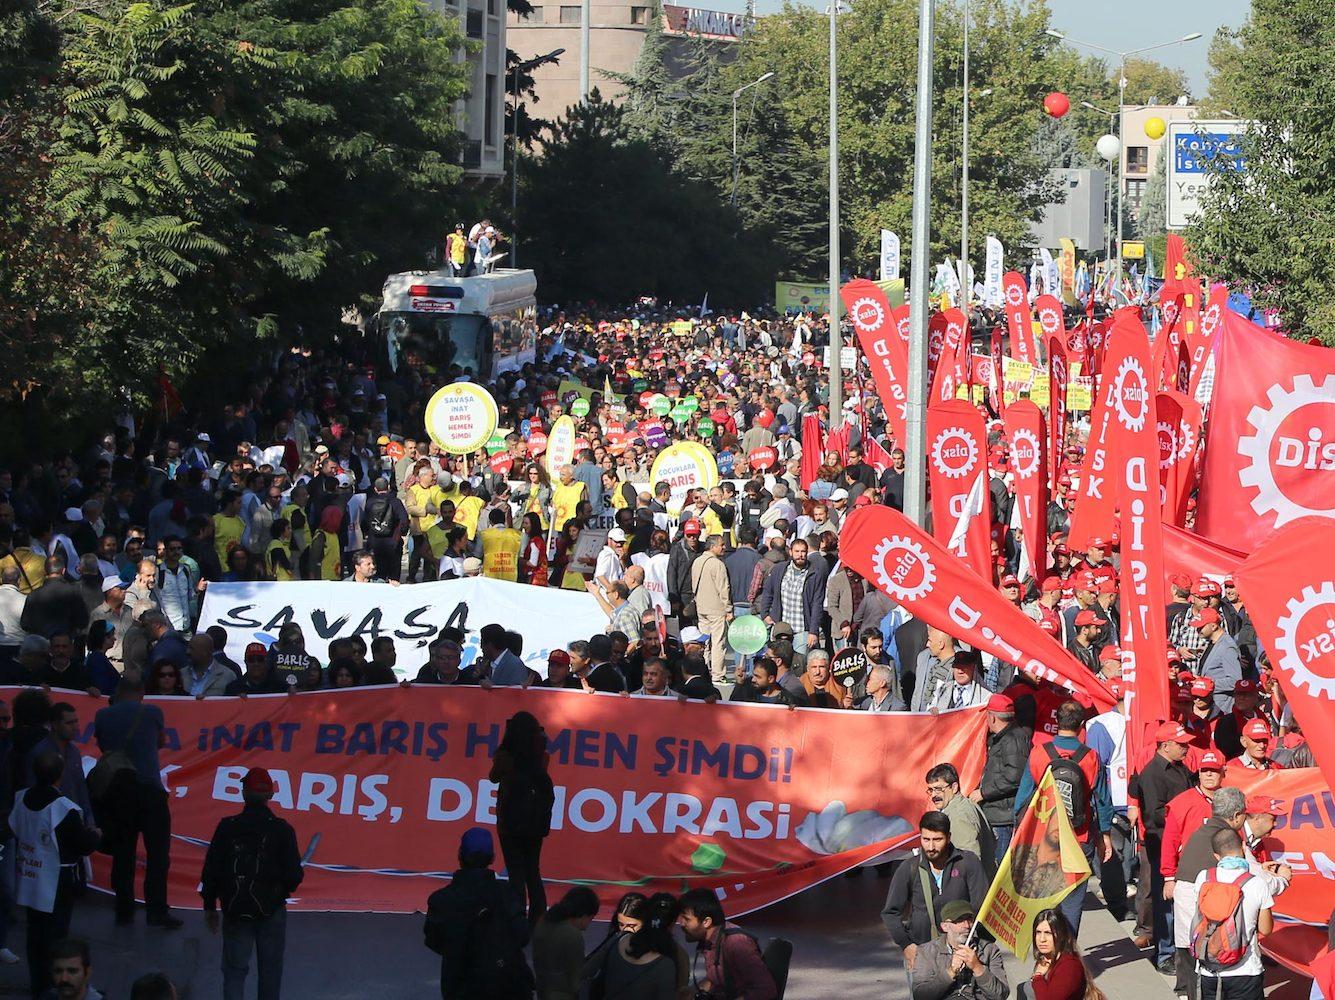 Barış, emek, demokrasi mitingine bombalı saldırı